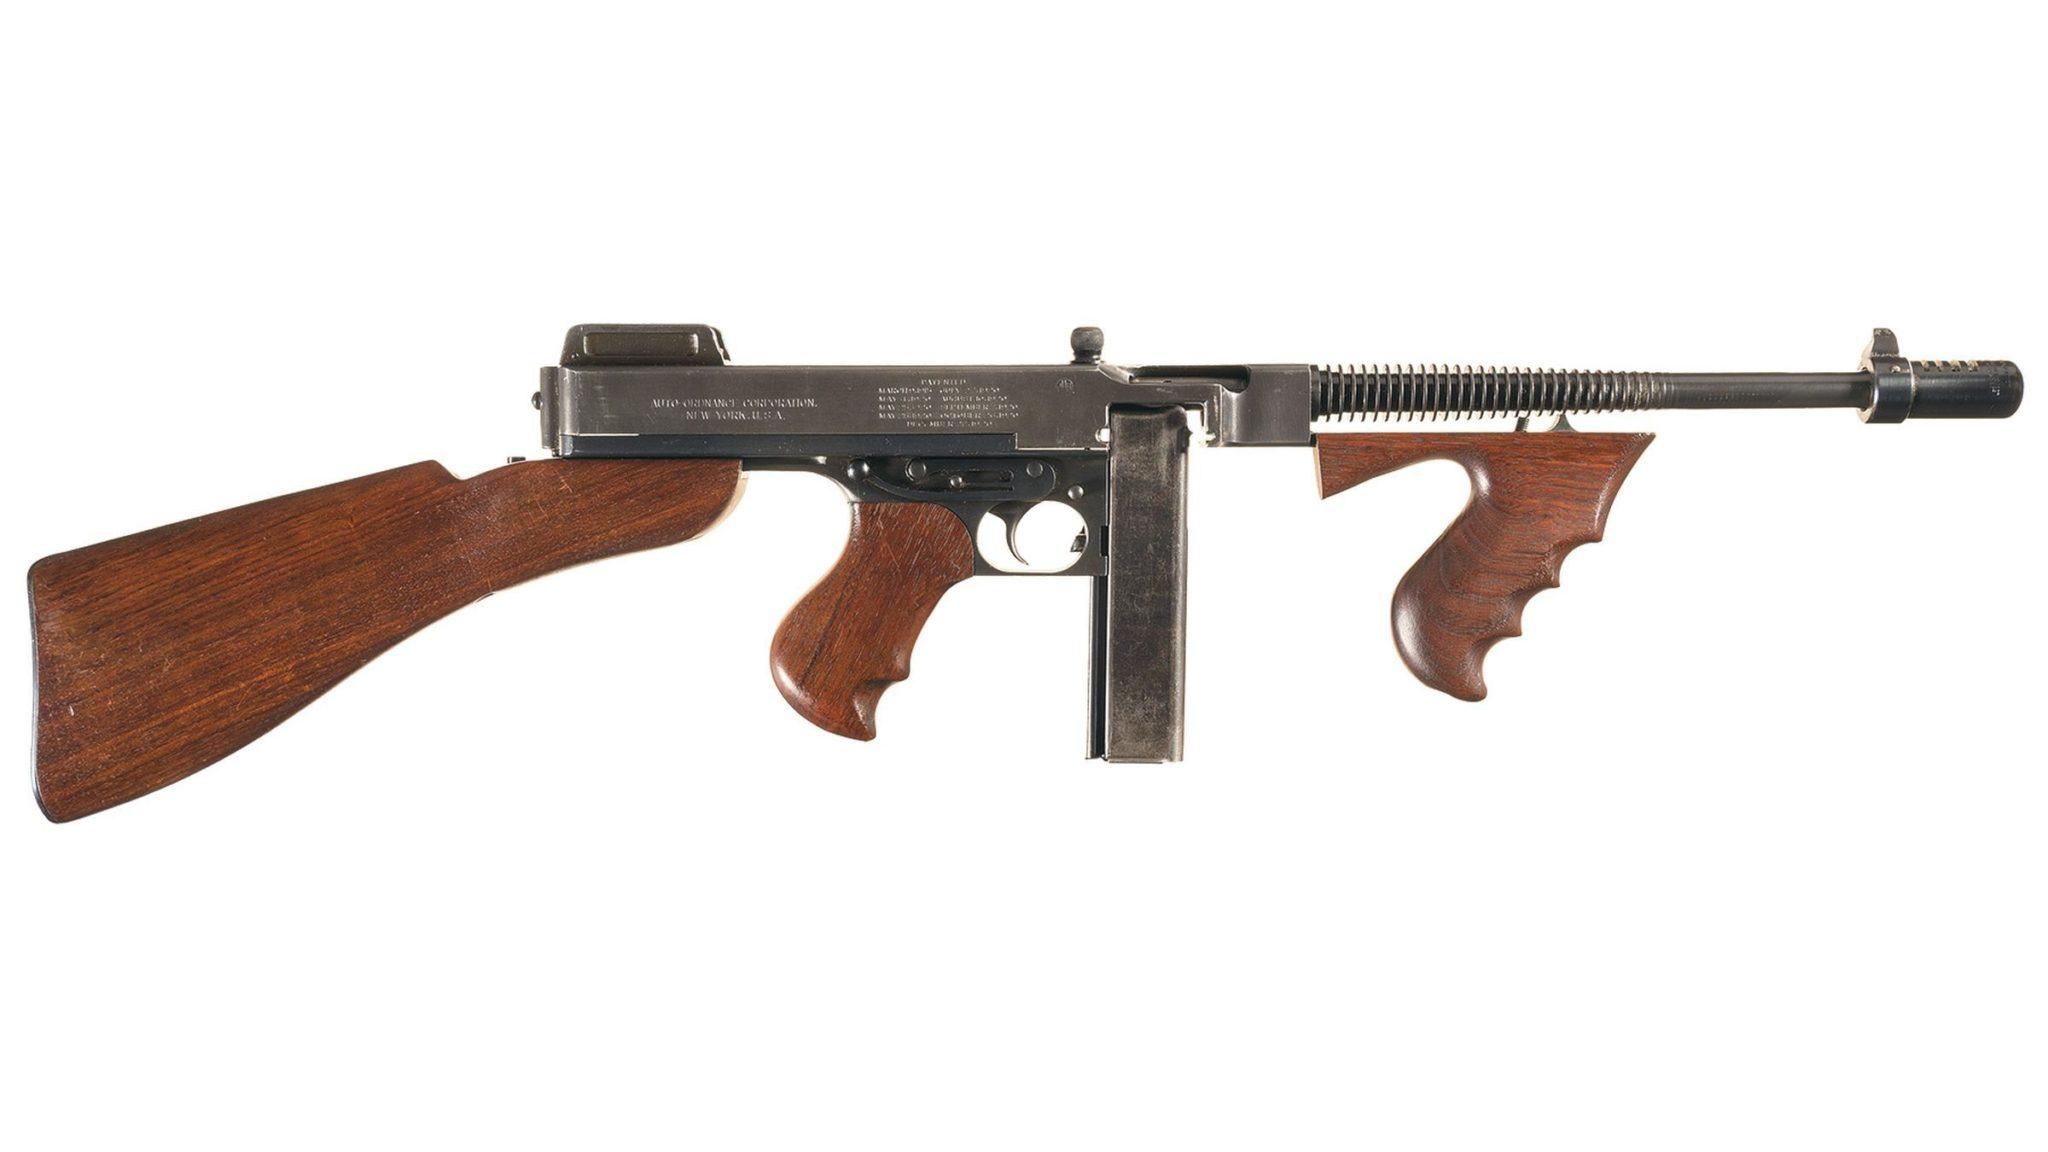 Karabin Thompson - używany przez policje amerykańską w latach 40 XX w.